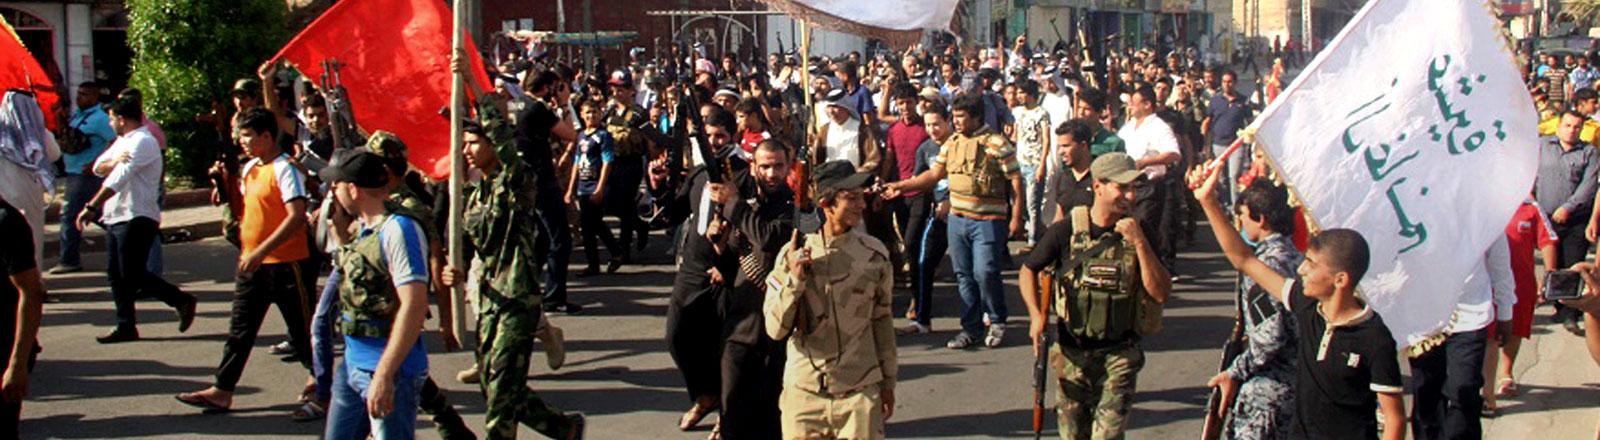 Schiitische Muslime demonstrieren in Bagdad gegen den Vormarsch der Isis-Truppen.